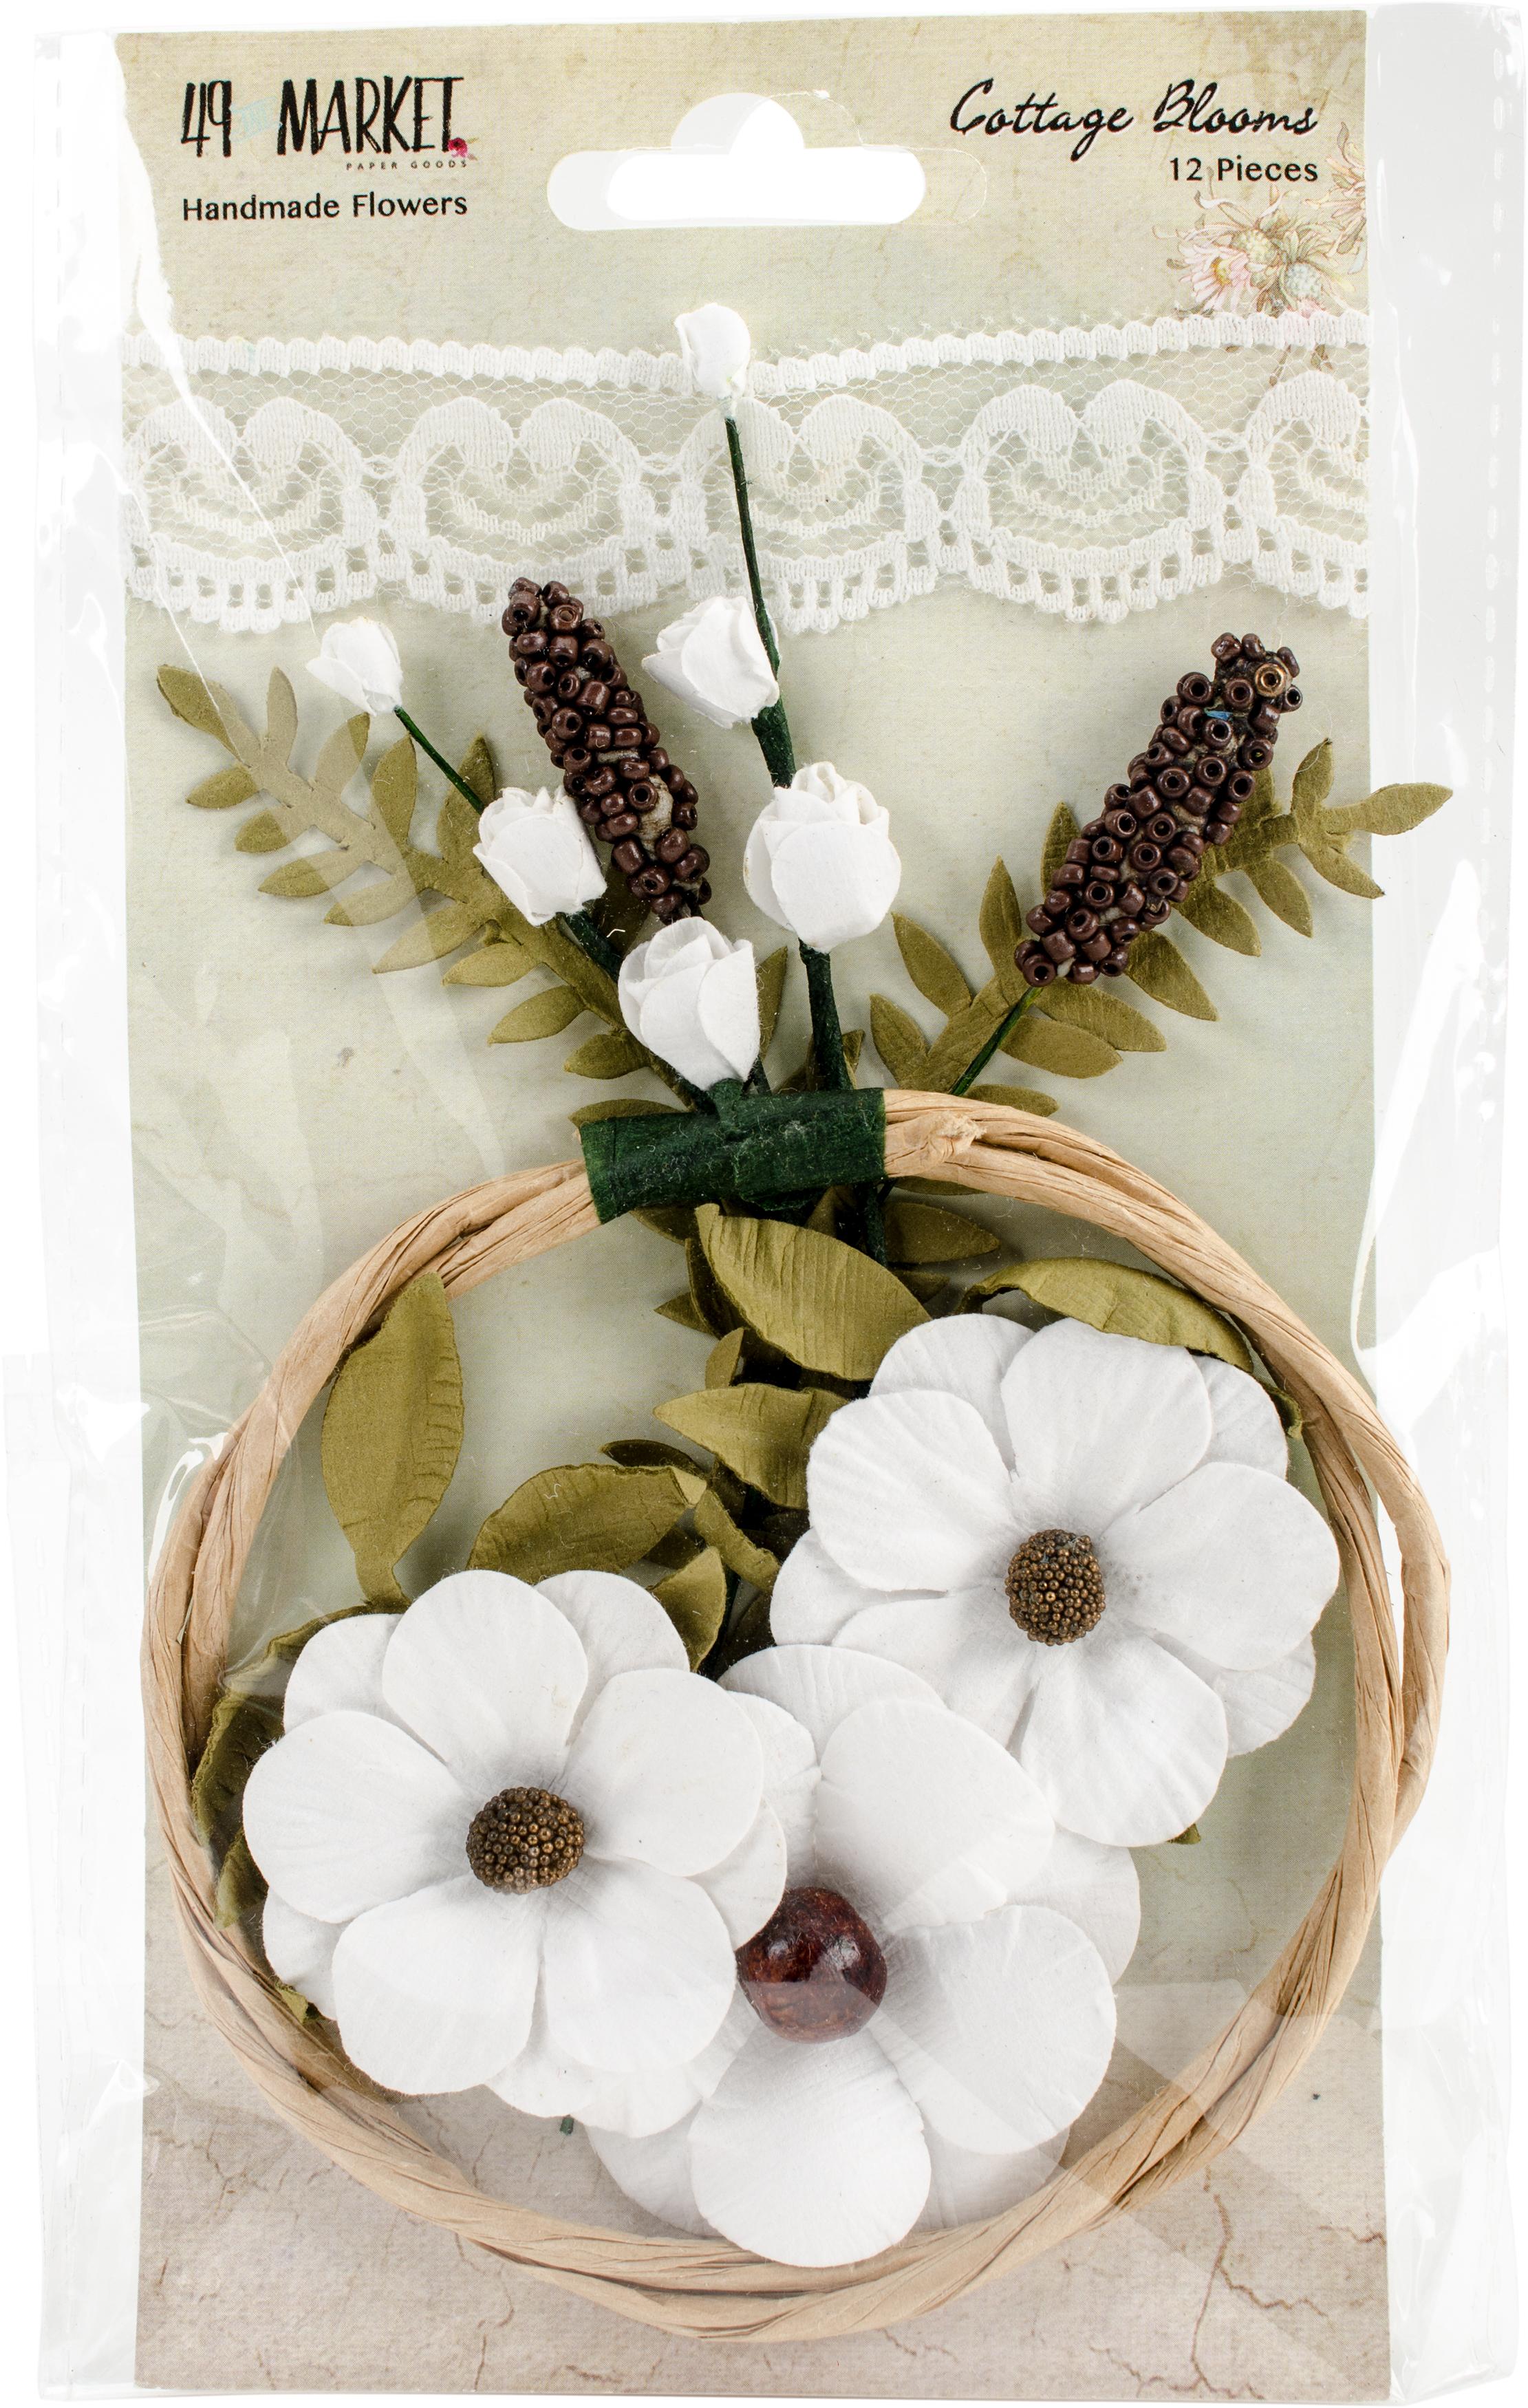 Cottage Blooms - Cotton